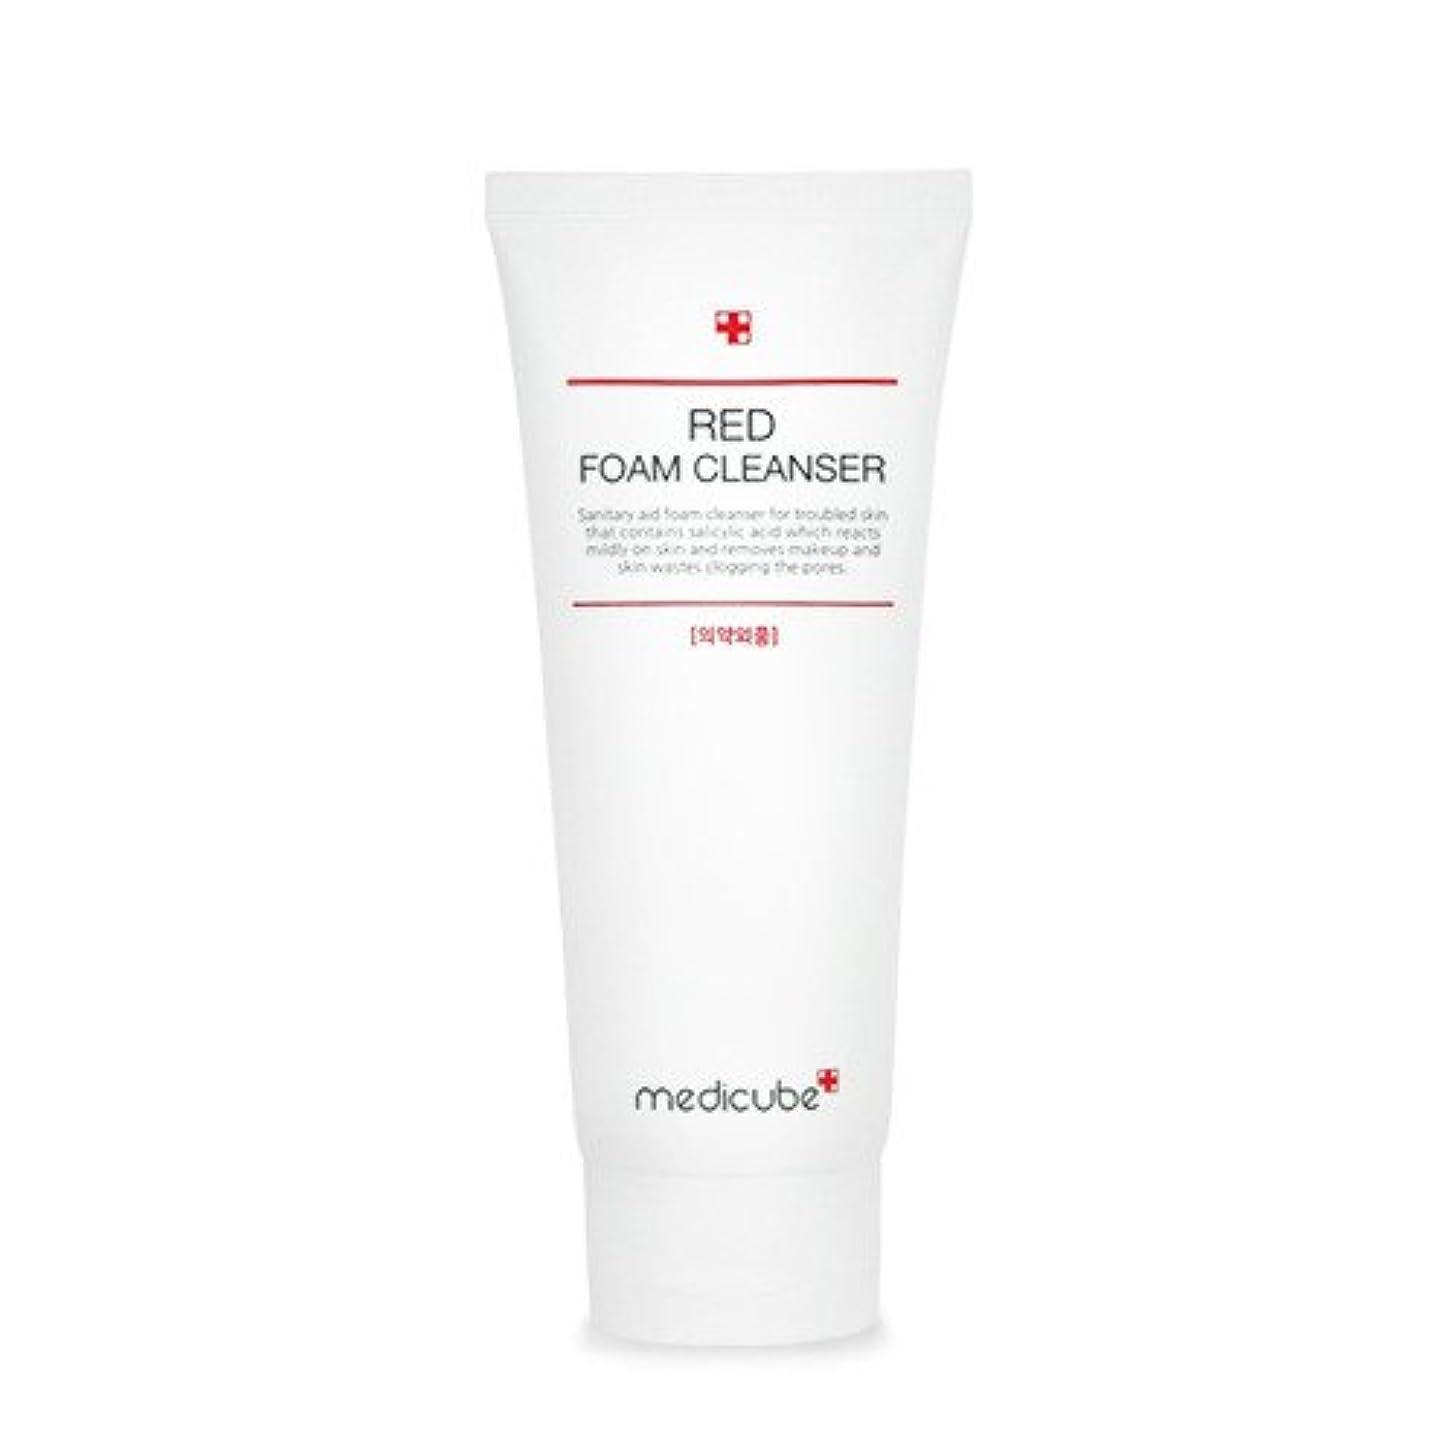 神秘的な調停する亡命[Medicube]Red Foam Cleanser 120ml / メディキューブレッドクレンジングフォーム / 正品?海外直送商品 [並行輸入品]